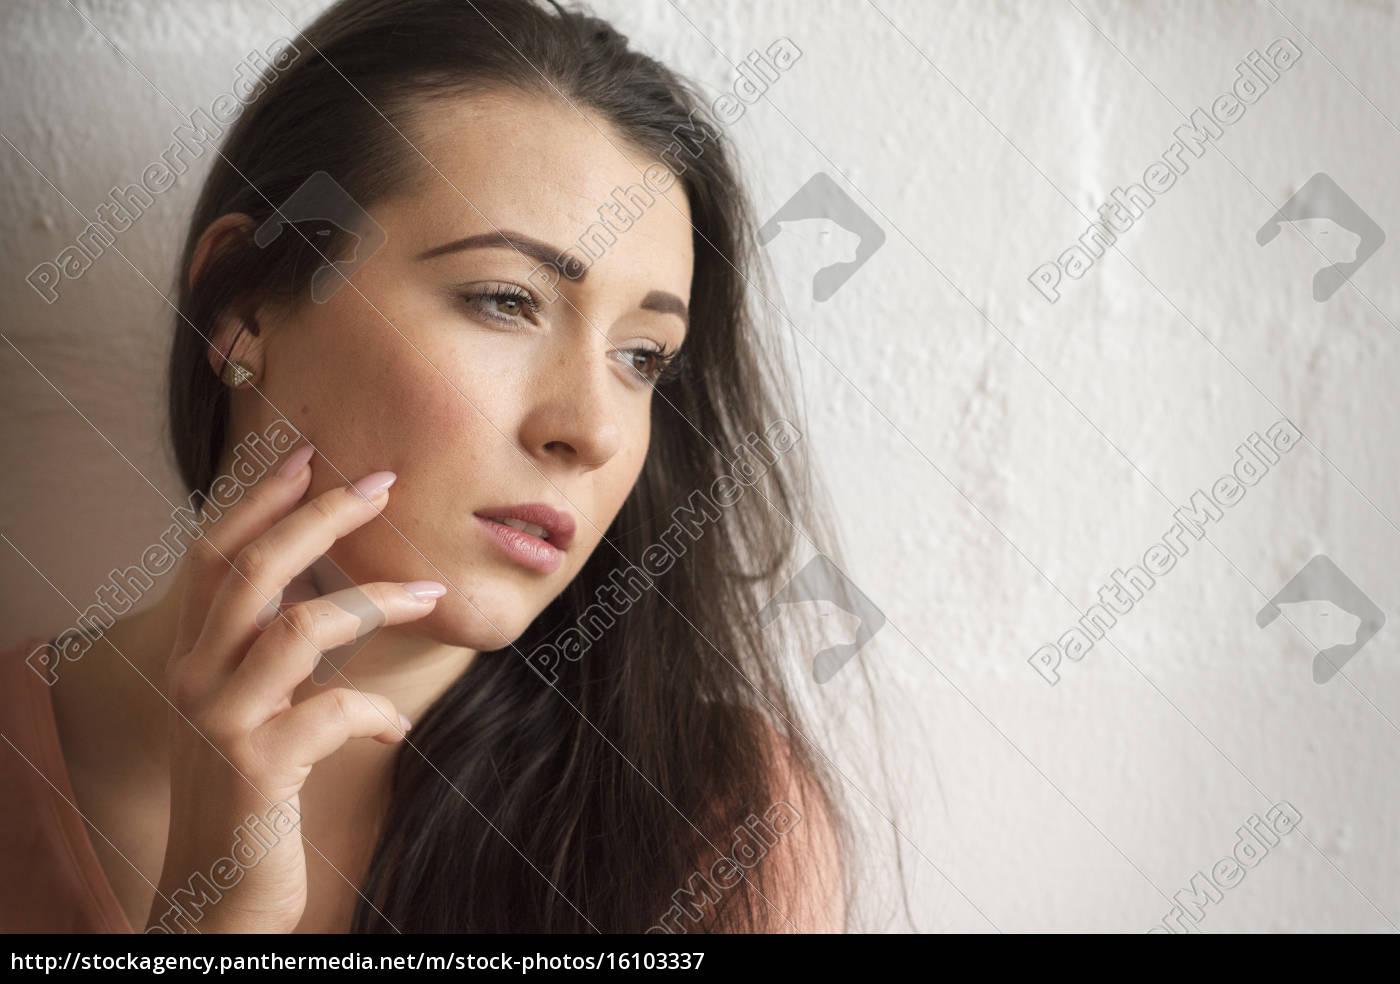 piękna, zmysłowa, kobieta, w, portrecie, przed - 16103337